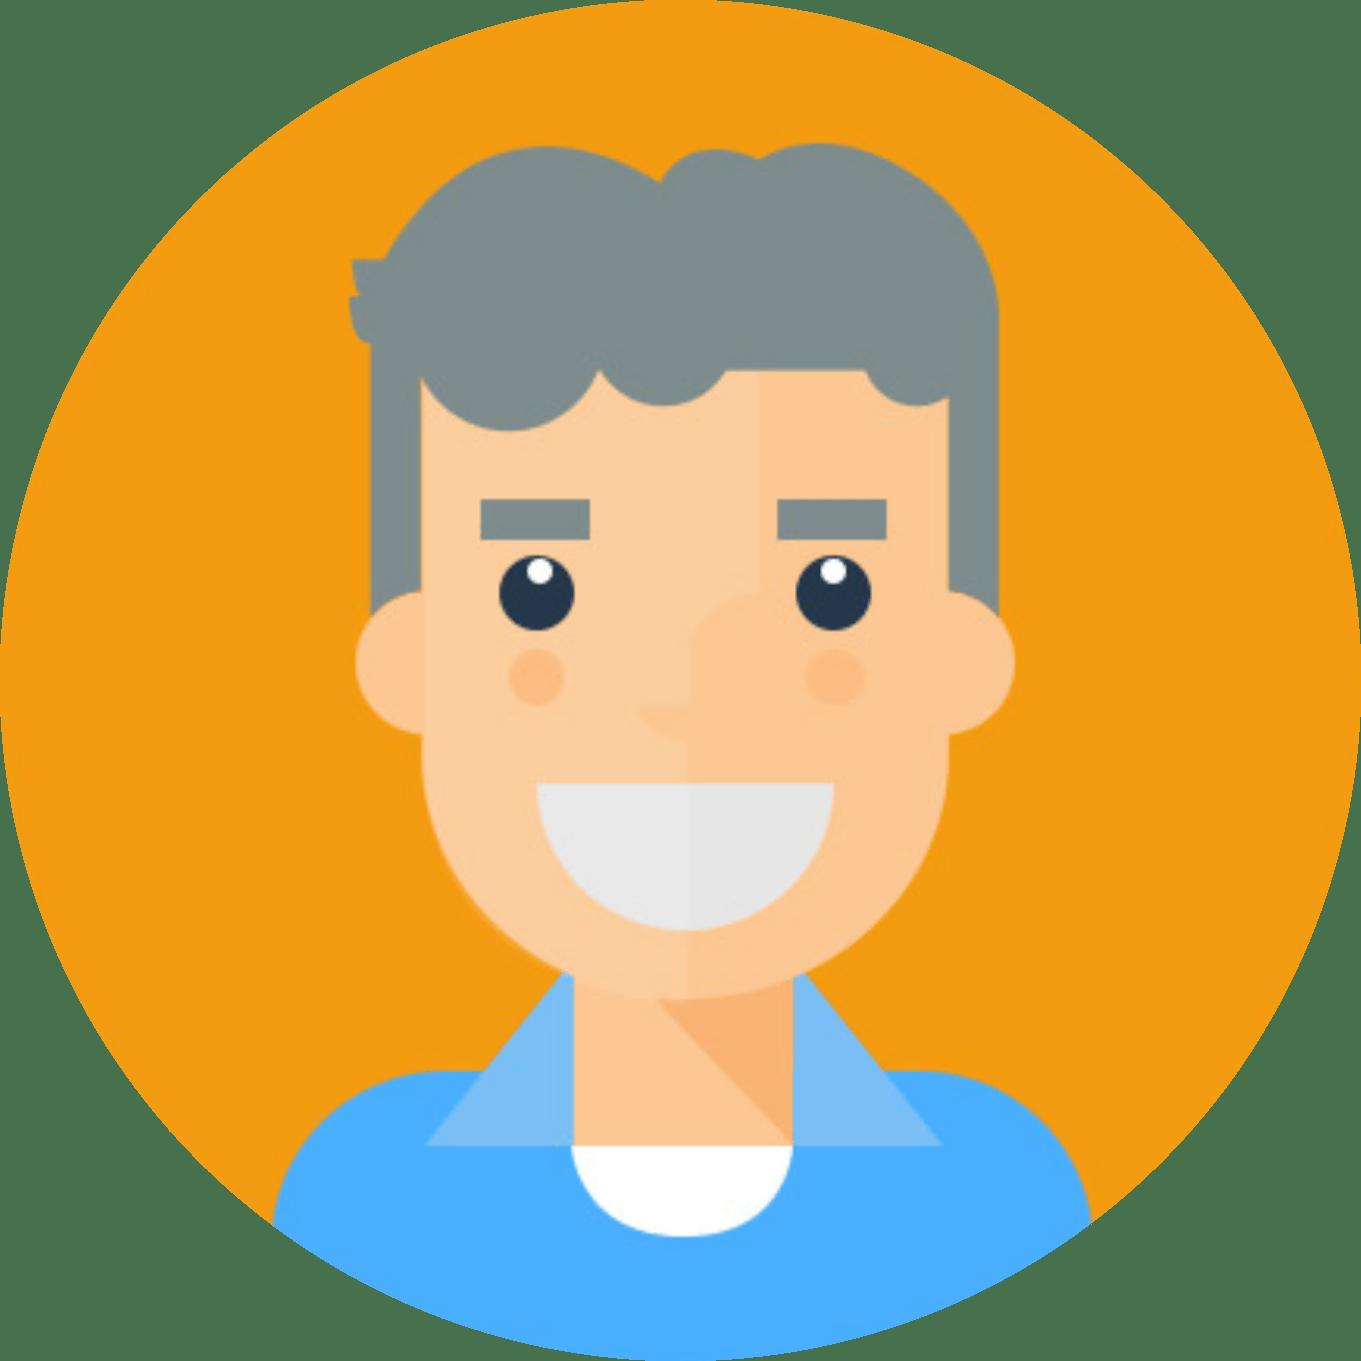 customer face